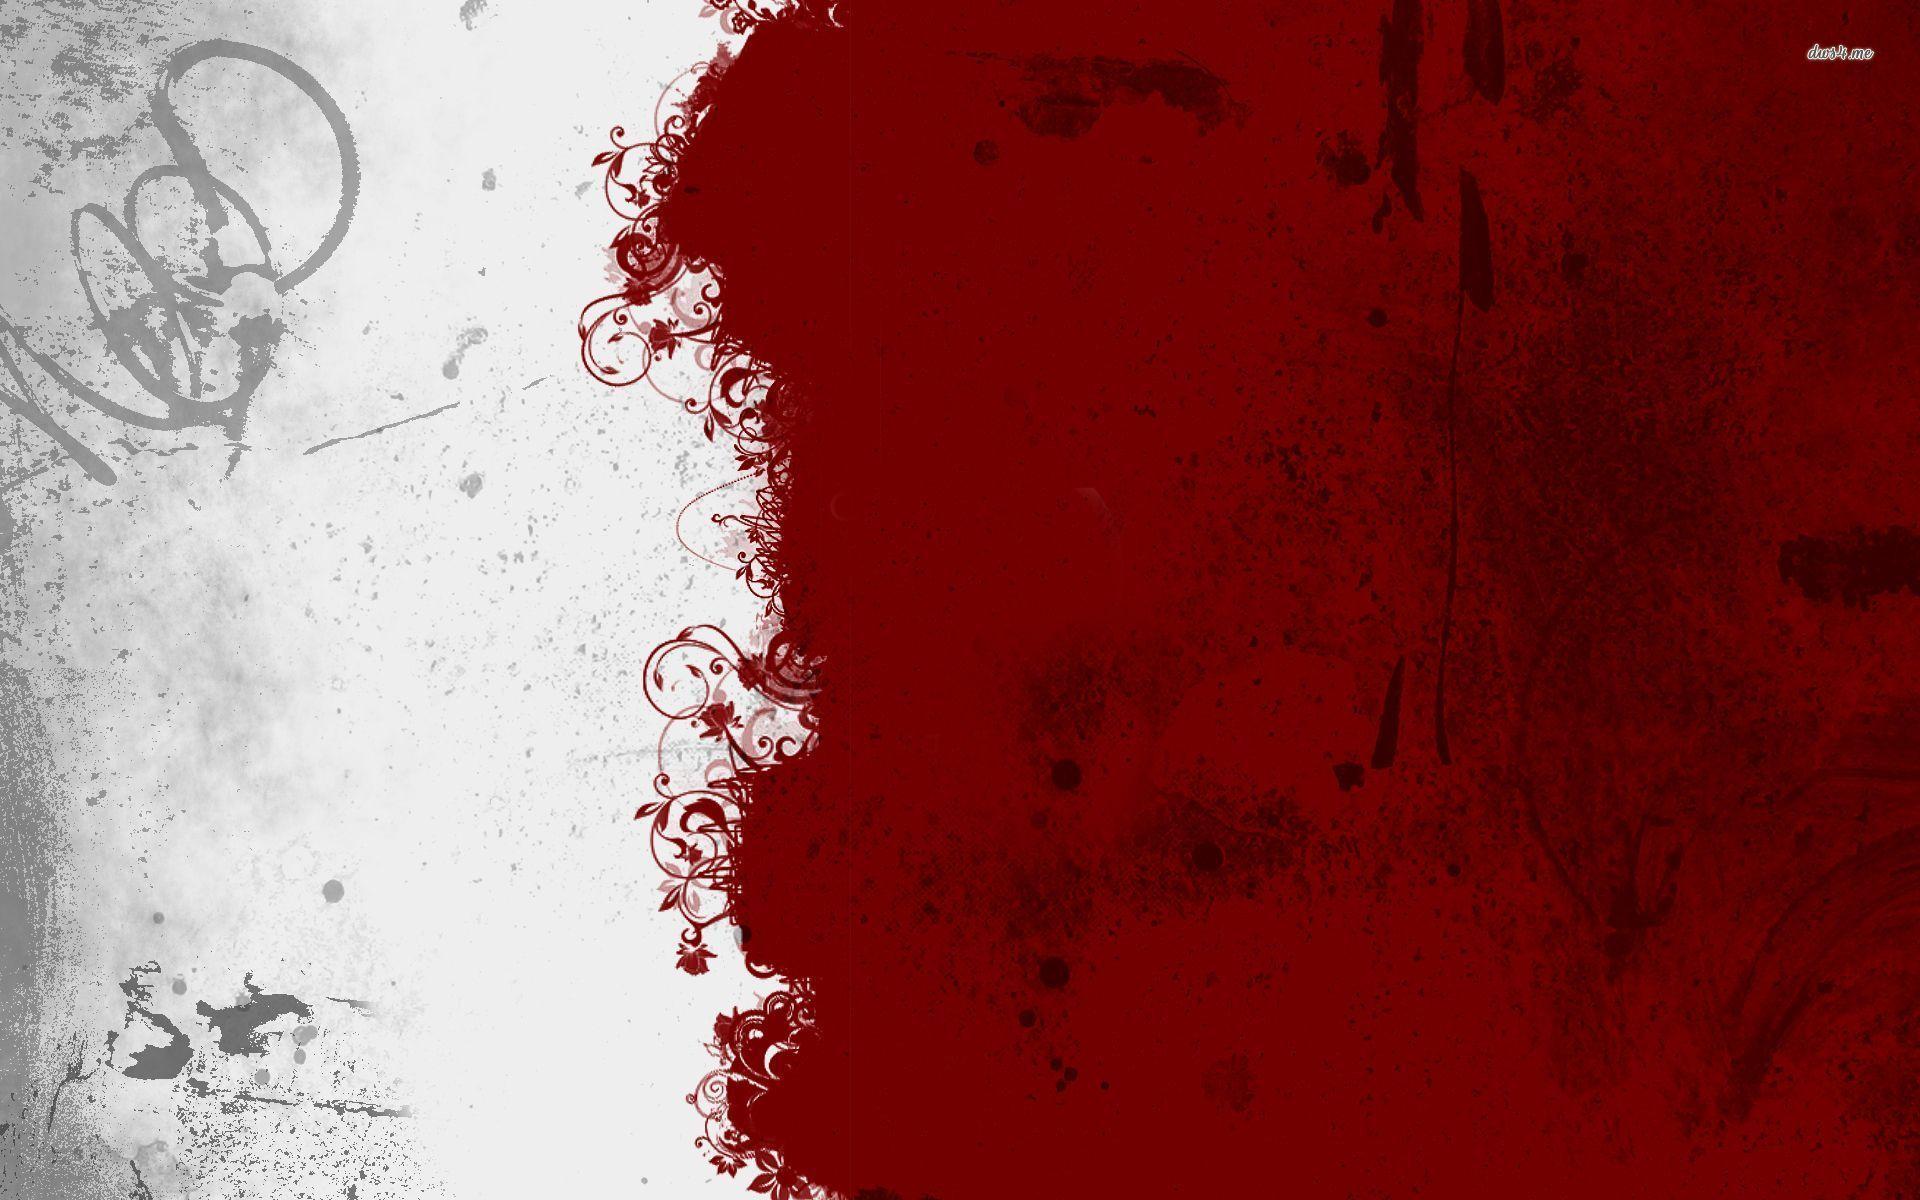 Background Merah Putih Keren HD Grunge